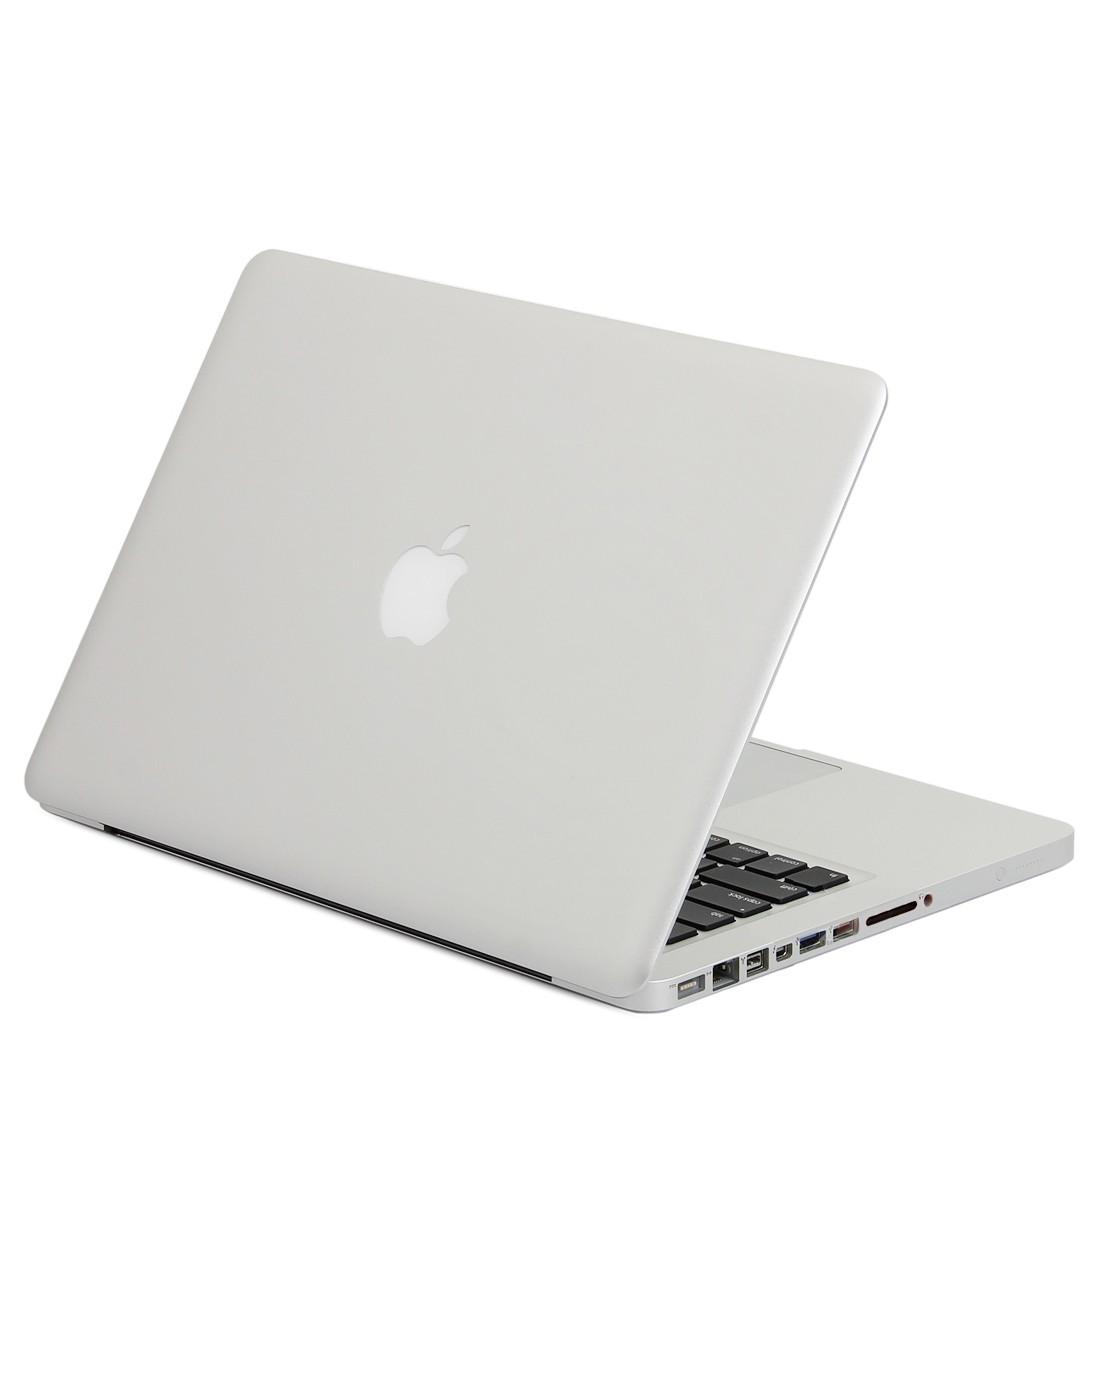 苹果apple数码专场 > macbook pro 笔记本电脑